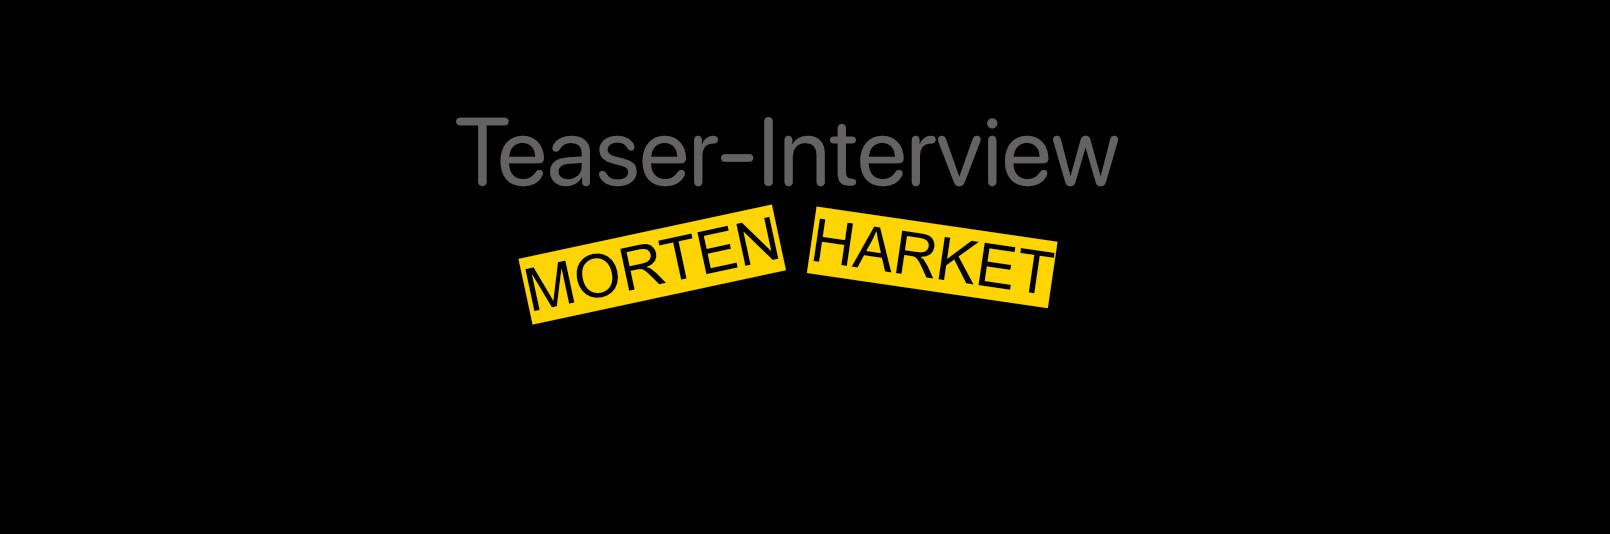 Morten Harket Interview Teaser